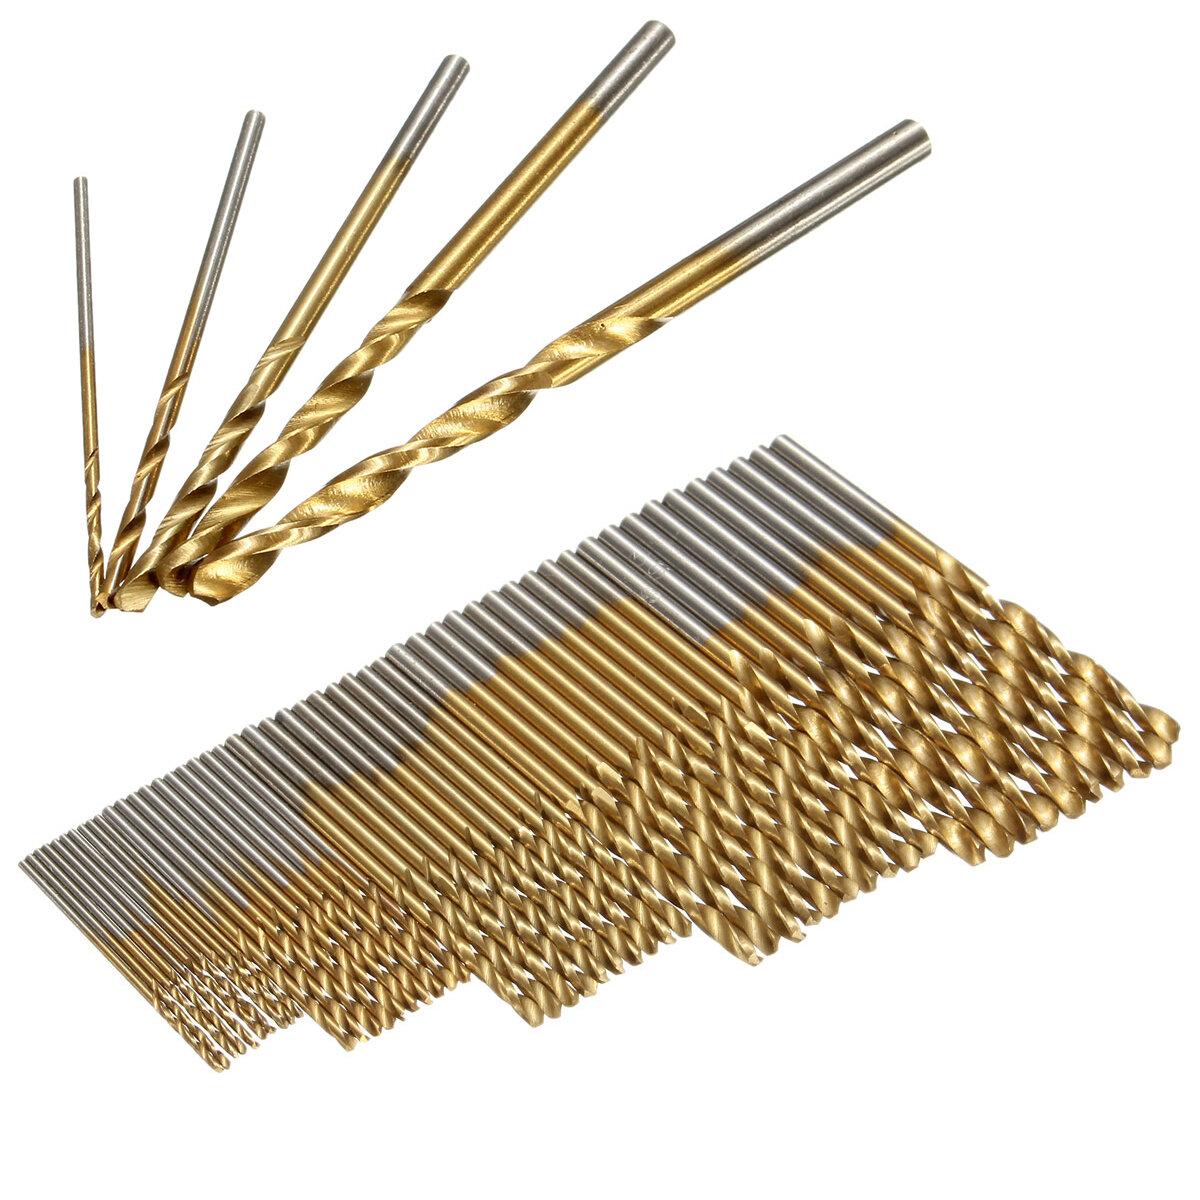 Drillpro 50PCS 1/1.5/2/2.5/3mm HSS Titanium Coated Twist Drill Bits High Speed Steel Drill Bit Set